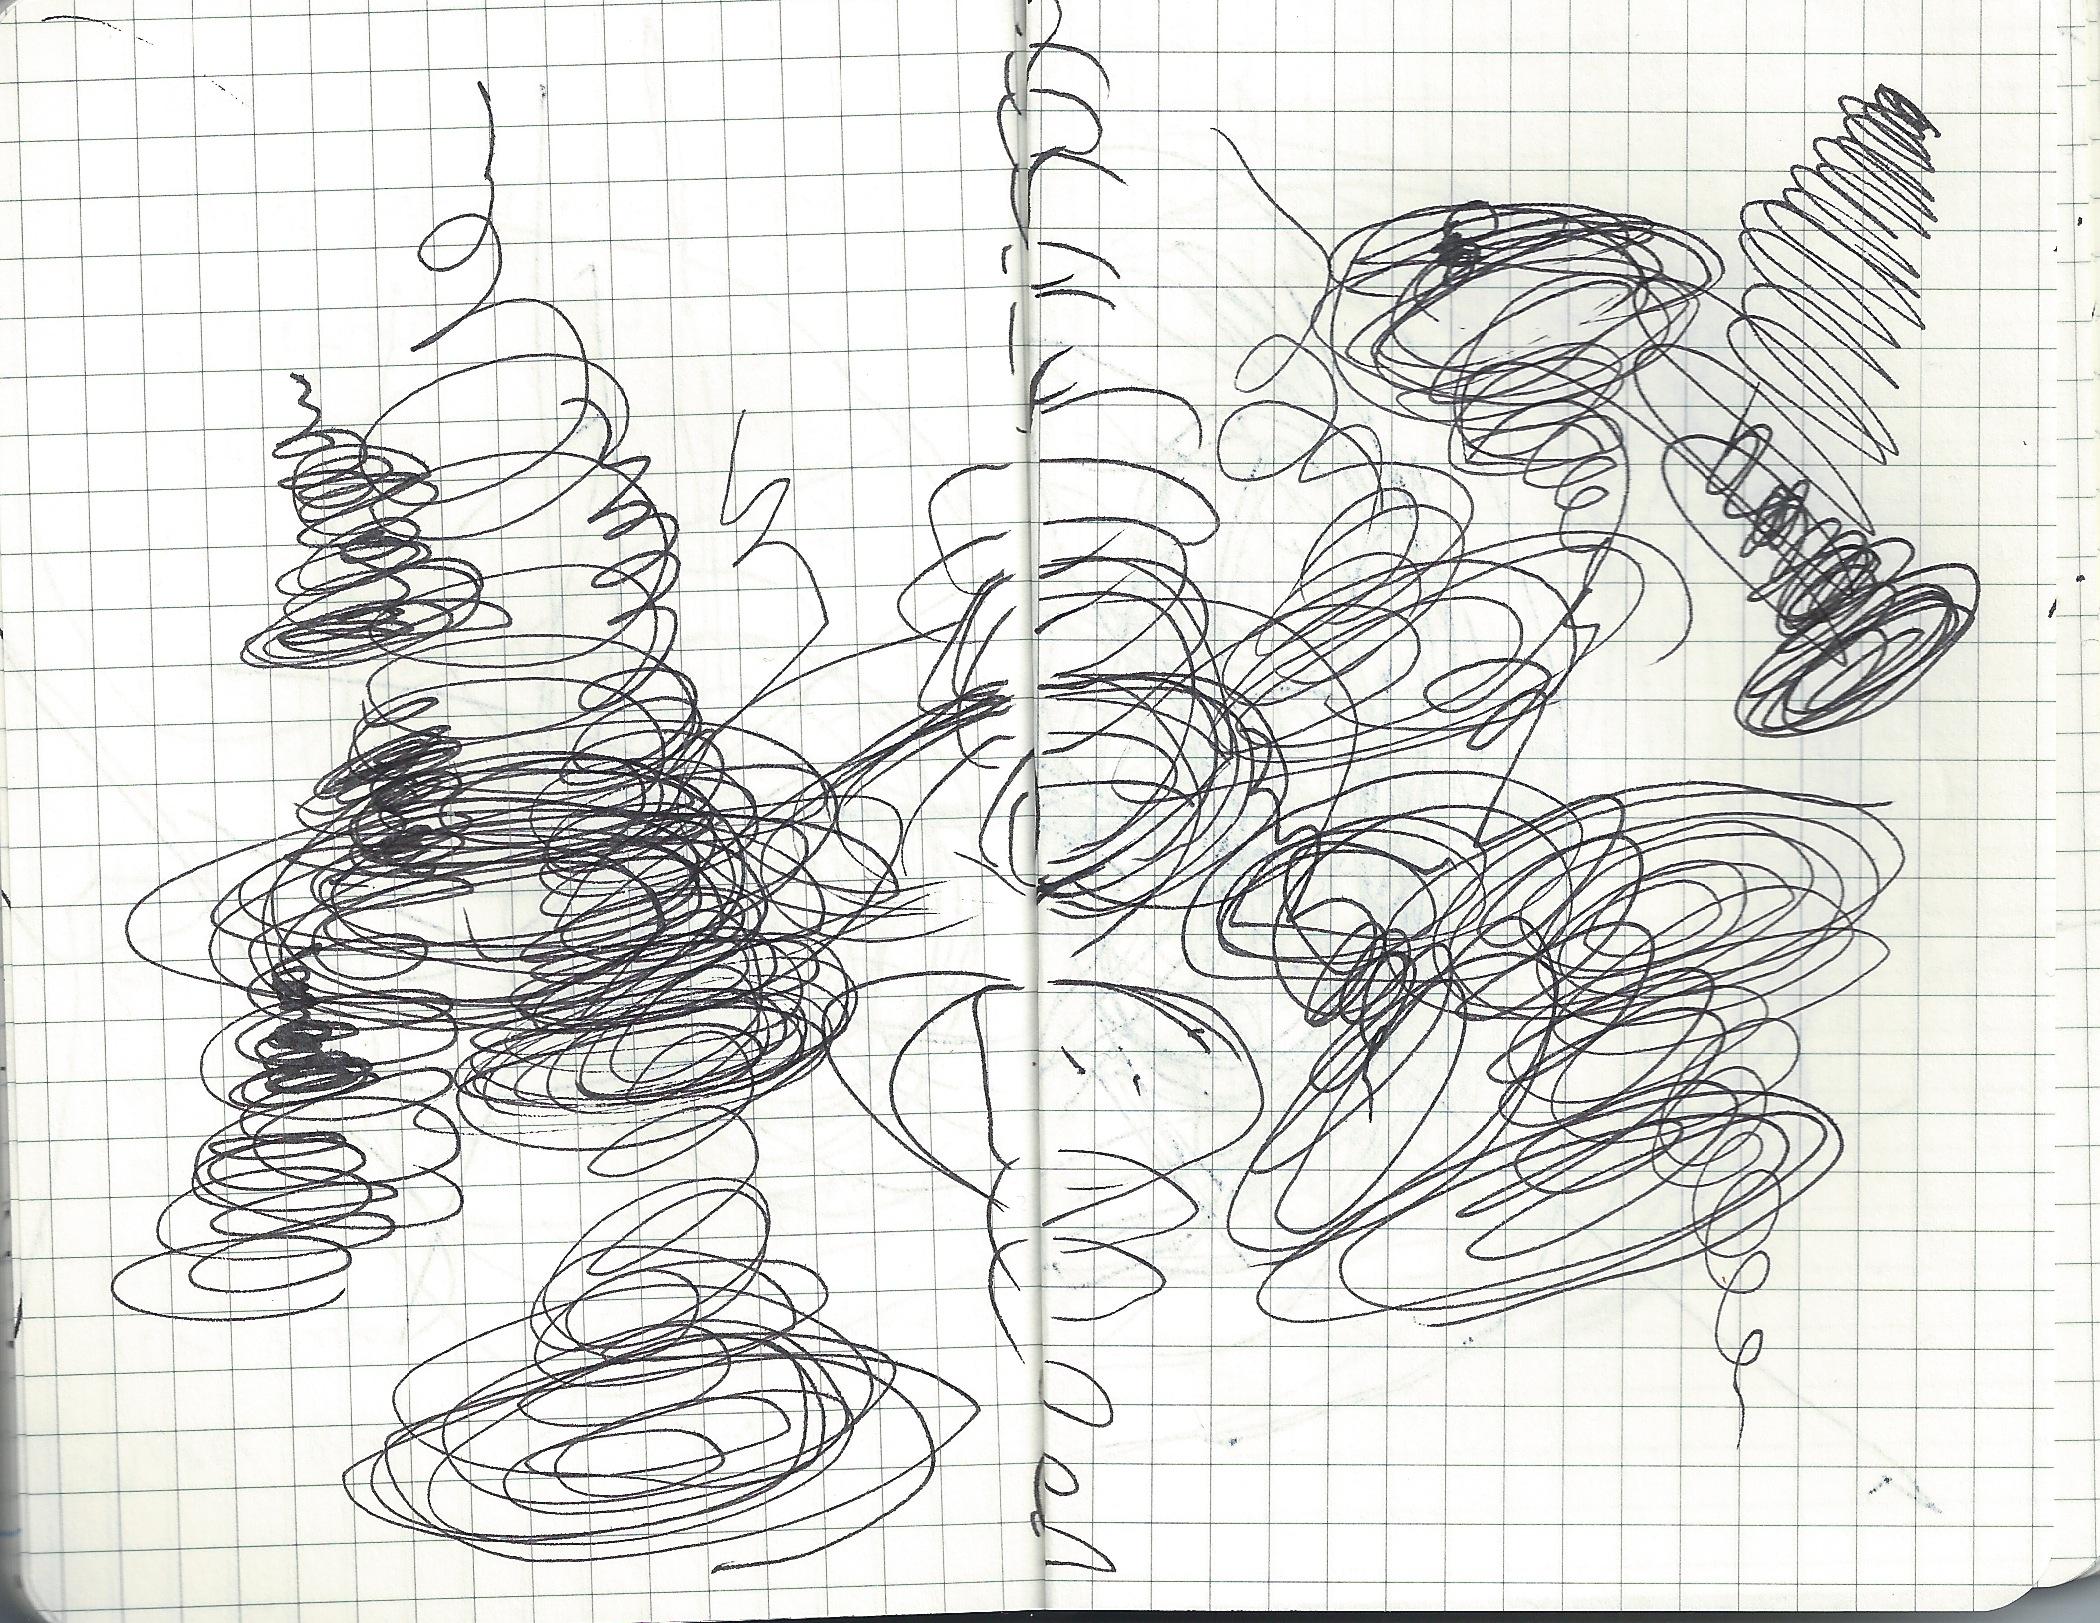 Wind (study #6)